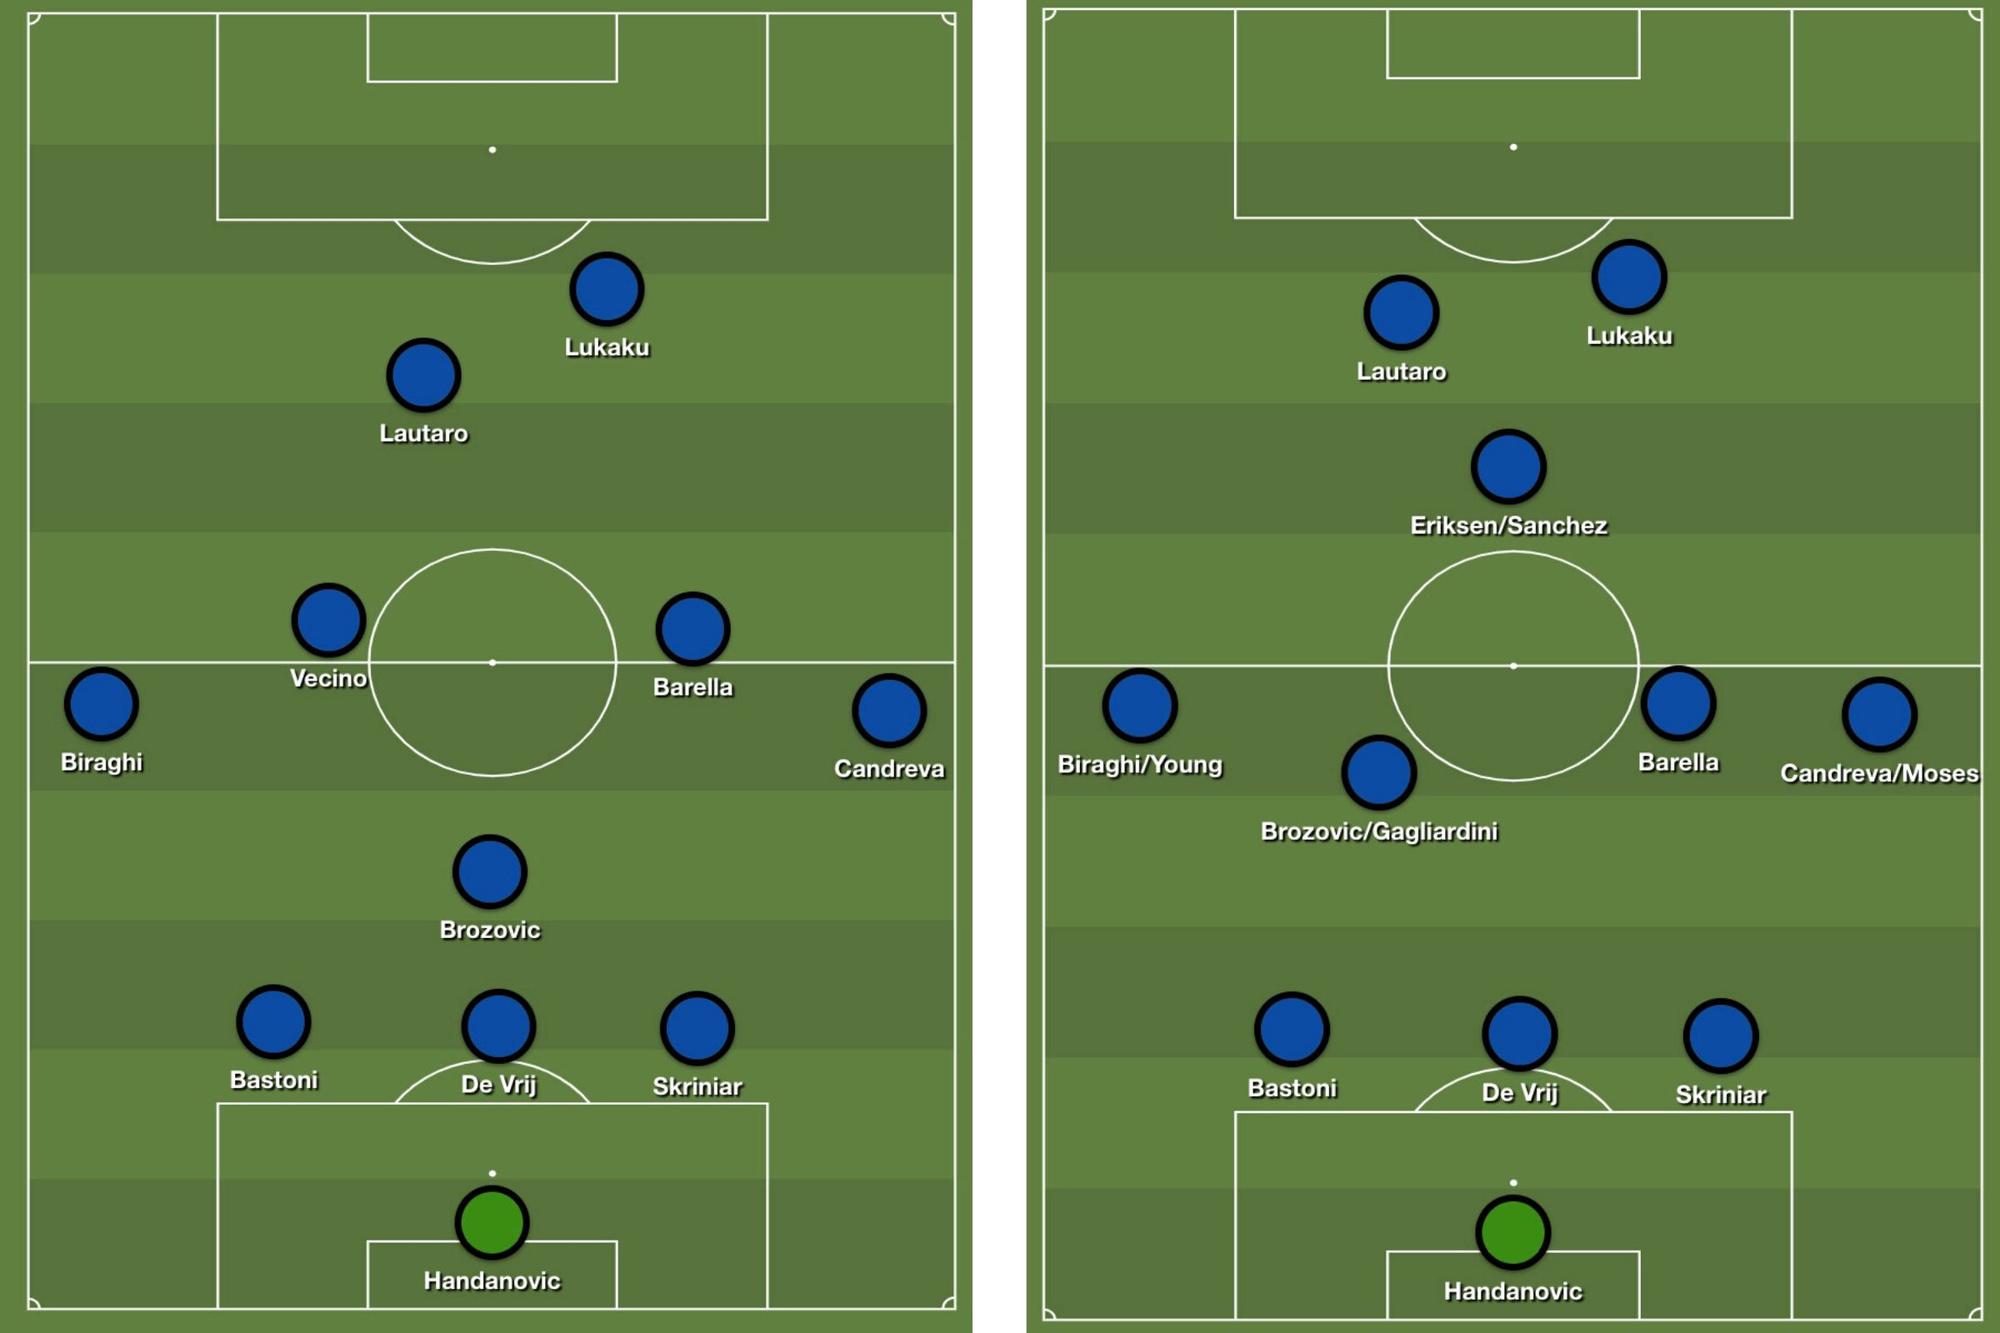 Links: Inter voor de winterstop in een typische 3-5-2. Rechts: Inter na de winterstop met een aangepaste 3-4-1-2 en nieuwe aanwinsten Eriksen, Moses en Young, Redactie